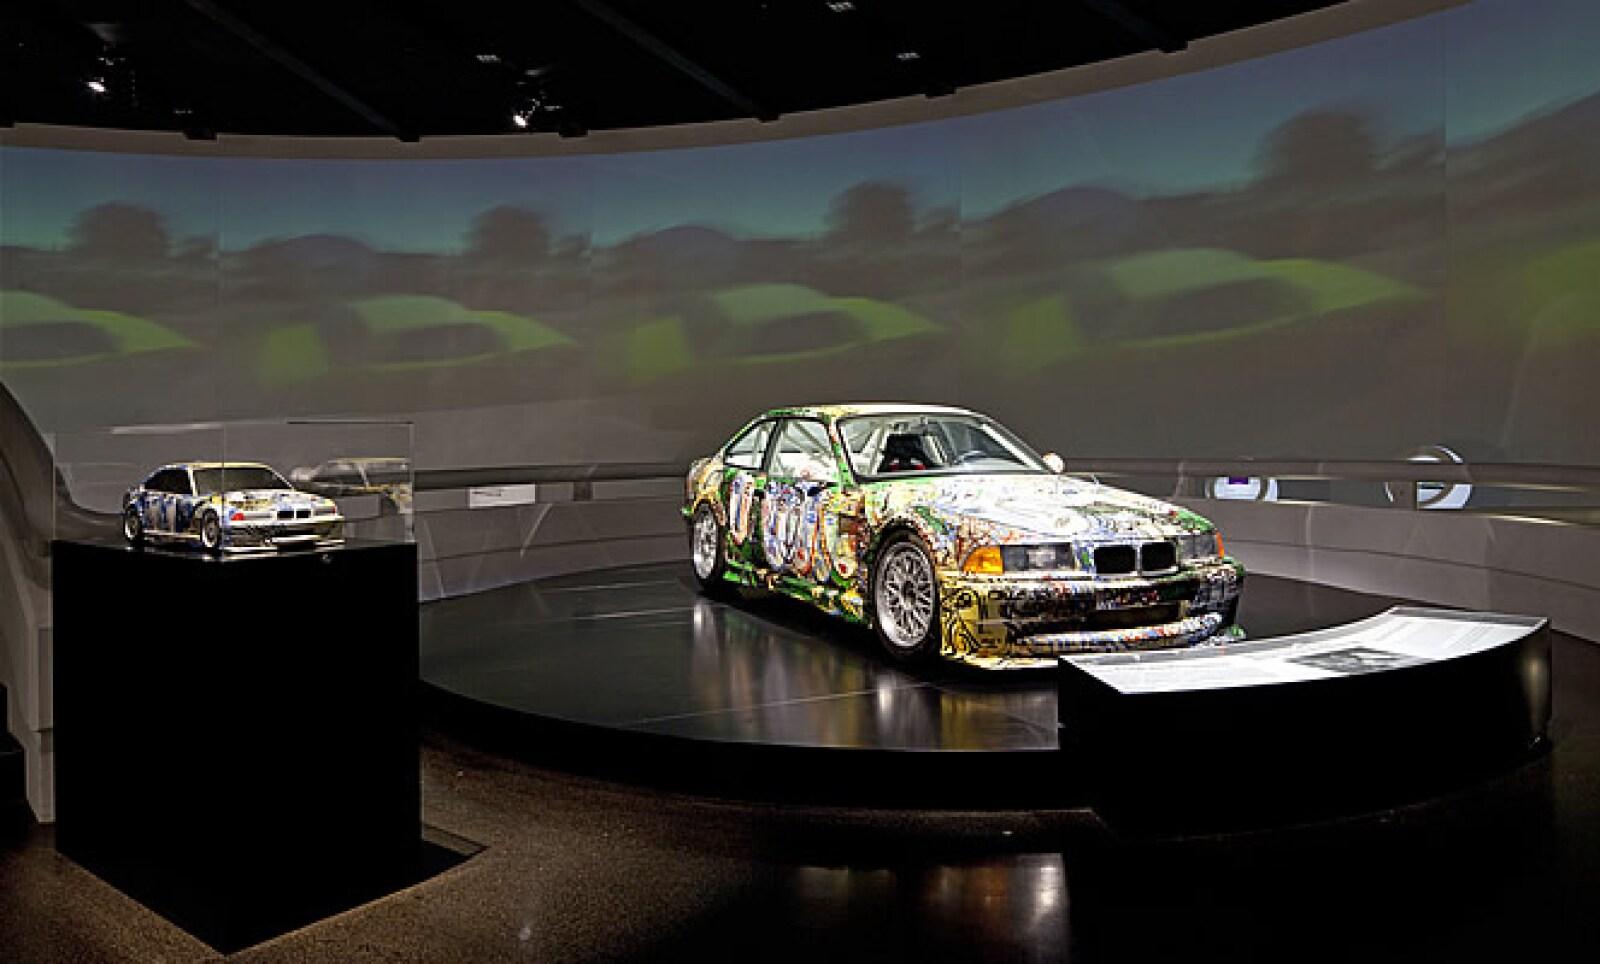 Entre 2006 y 2010, la BMW Art Car recorrió museos de Malasia, Singapur, Corea, Australia, India, Taiwán, China, Rusia, África, Estados Unidos y México.